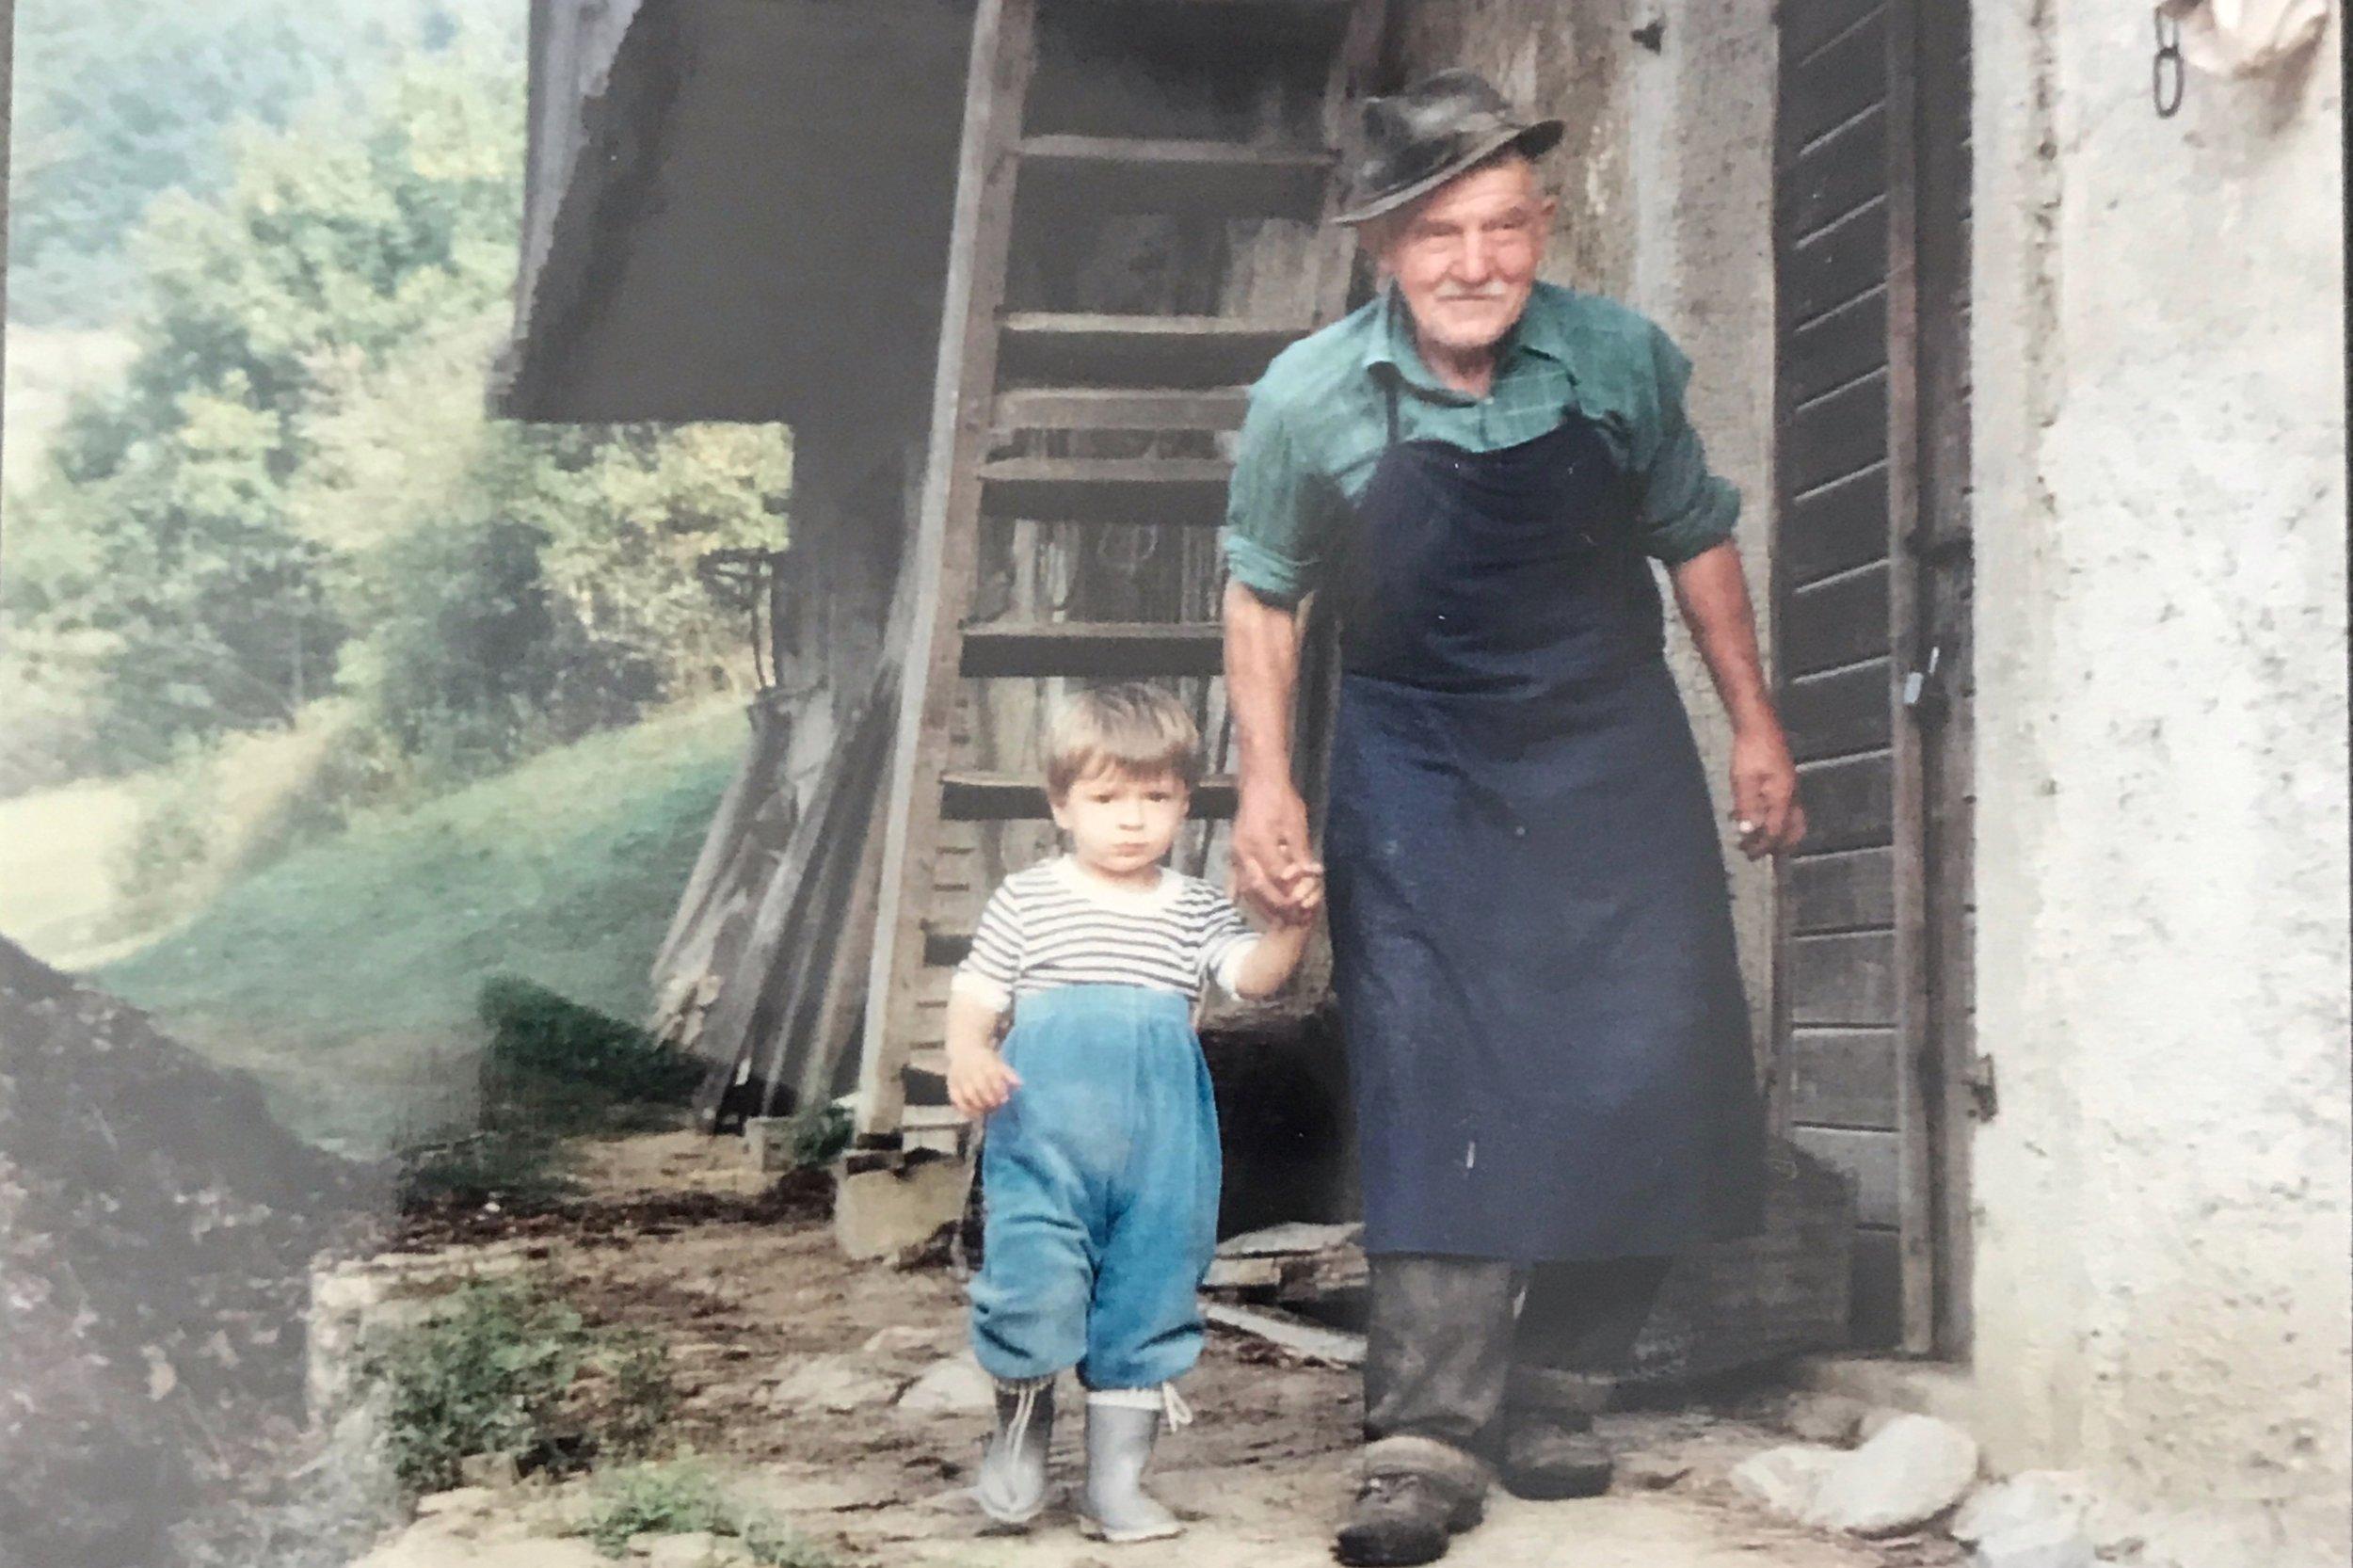 A New Favorite Picture - Stariata (Grandpa) Gorenć with K's cousin Alex